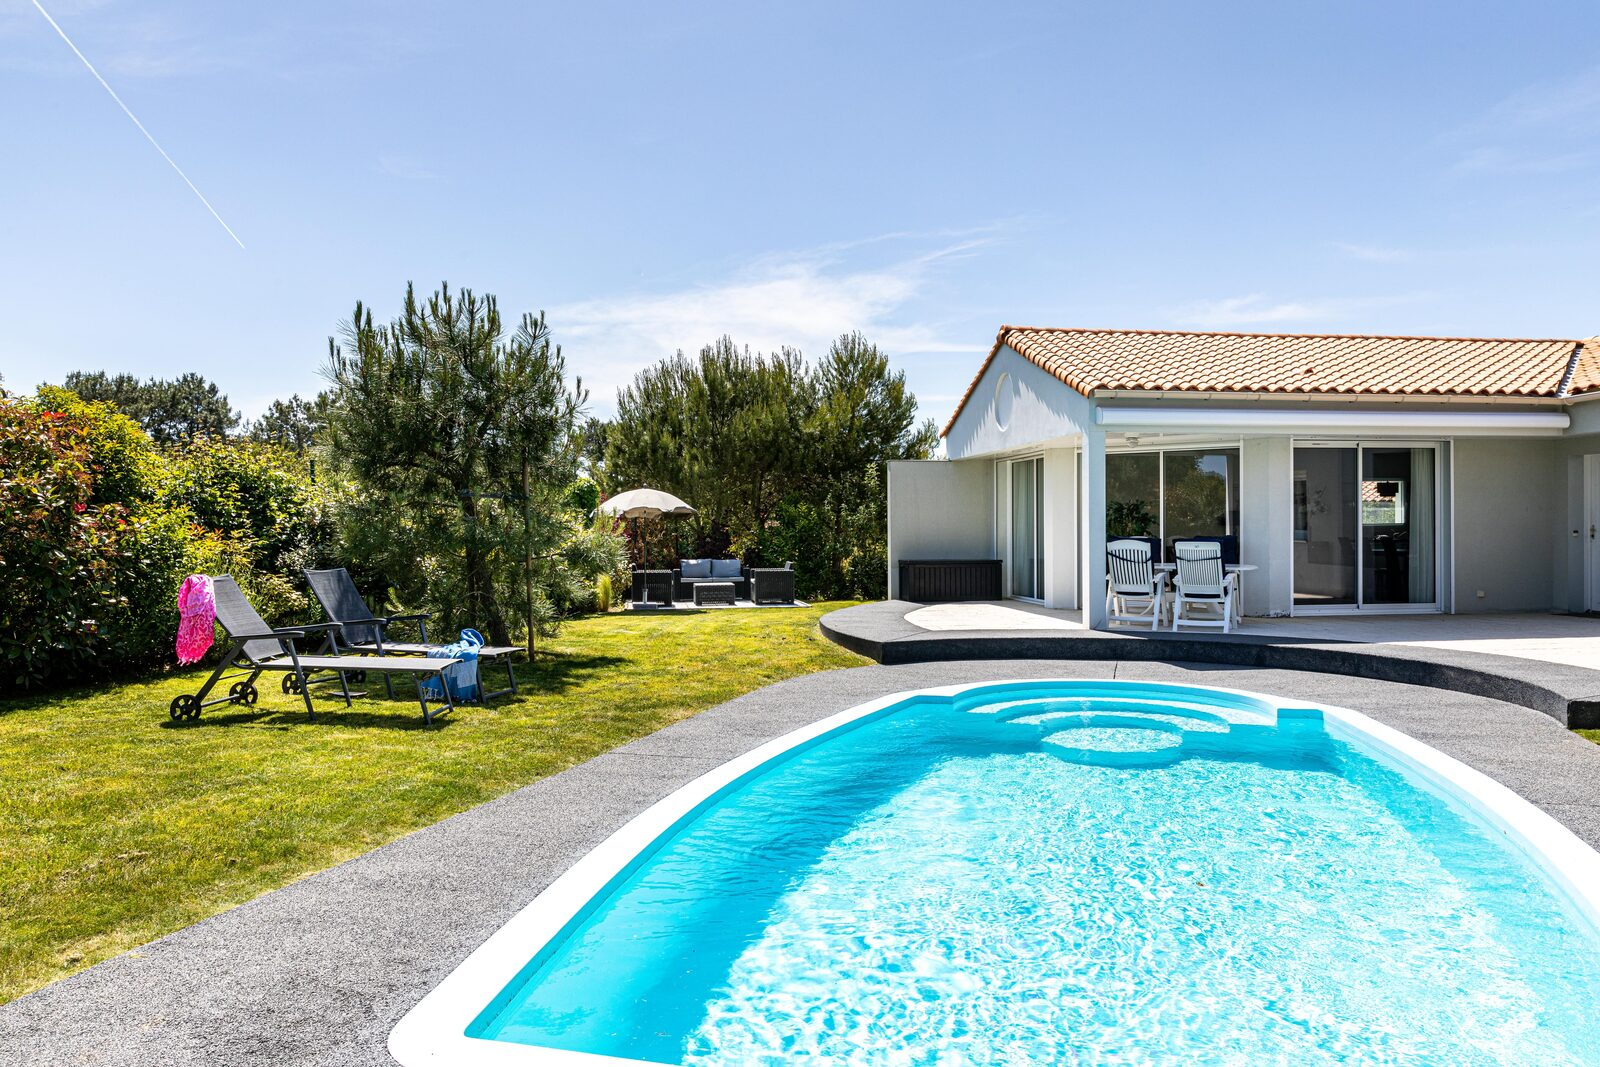 Oasis Les Jardins des Sables d'Olonne | Villa's in the Vendee